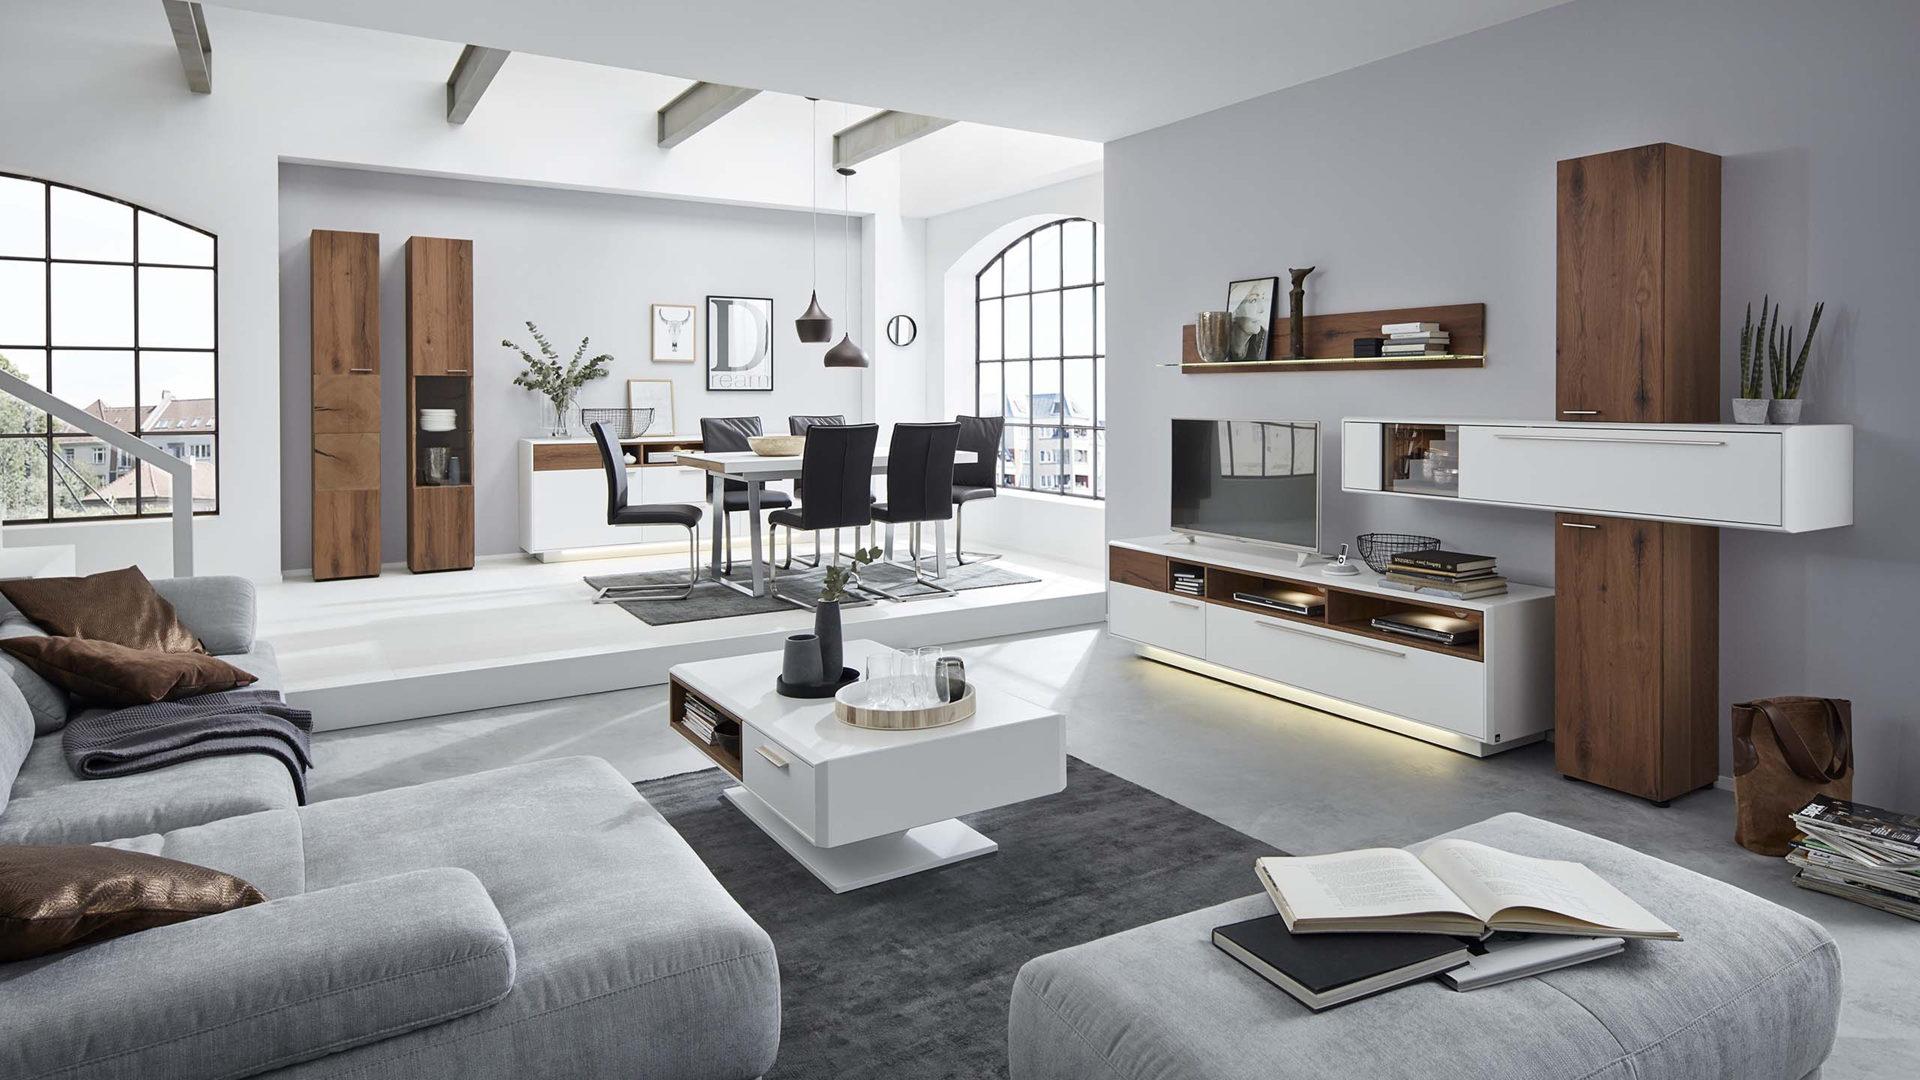 Interliving Wohnzimmer Serie 2102 – Wohnkombination, dunkles, Bad ...